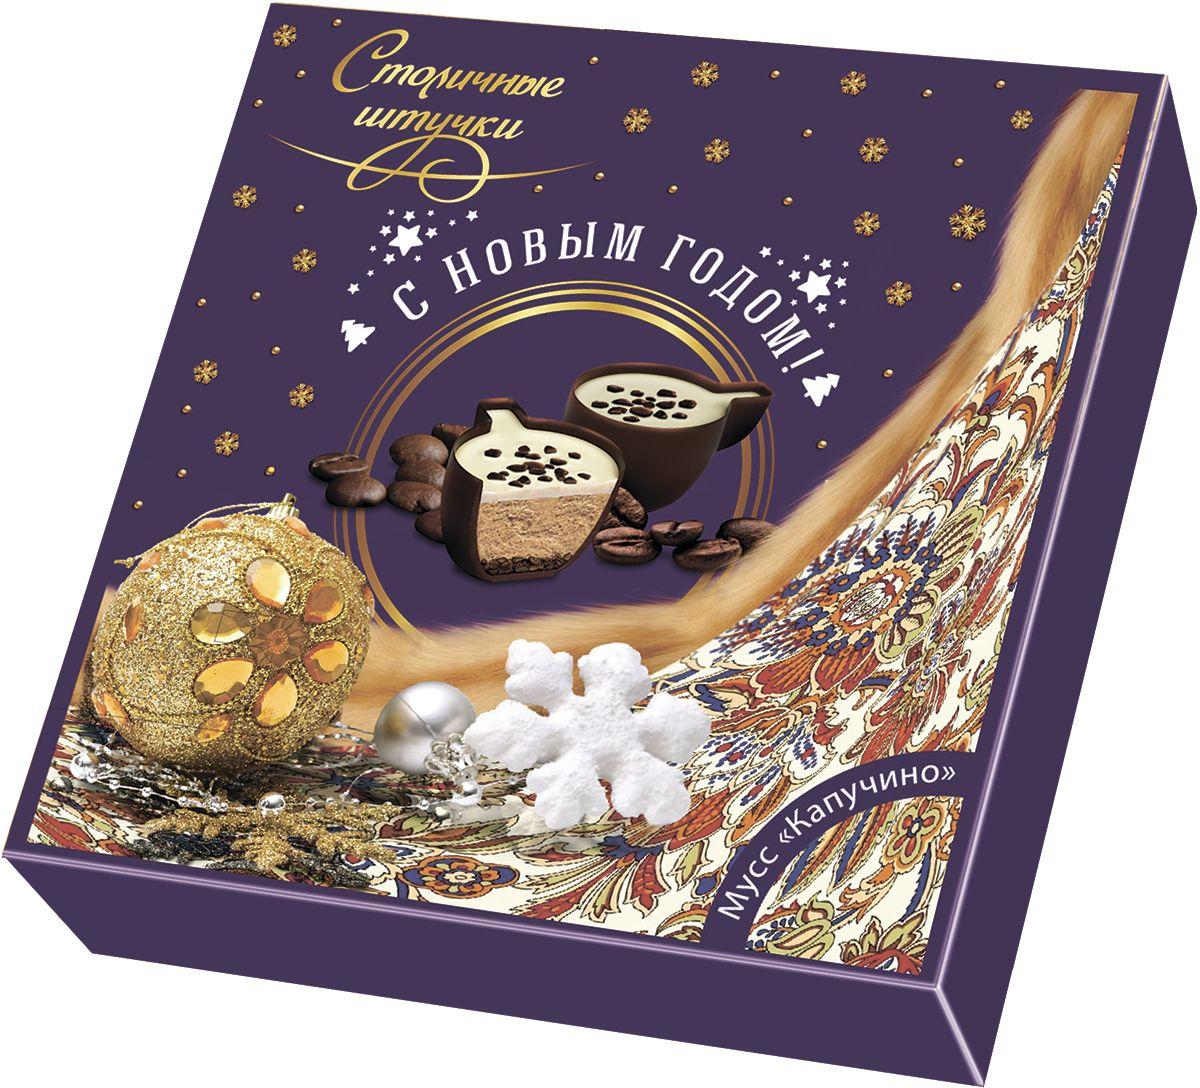 Столичные штучки Конфеты шоколадные в коробке Мусс капучино, 104 г8244Классические шоколадные конфеты с начинкой из нежнейшего воздушного мусса с добавлением натурального кофе в чашечке из настоящего темного шоколада.